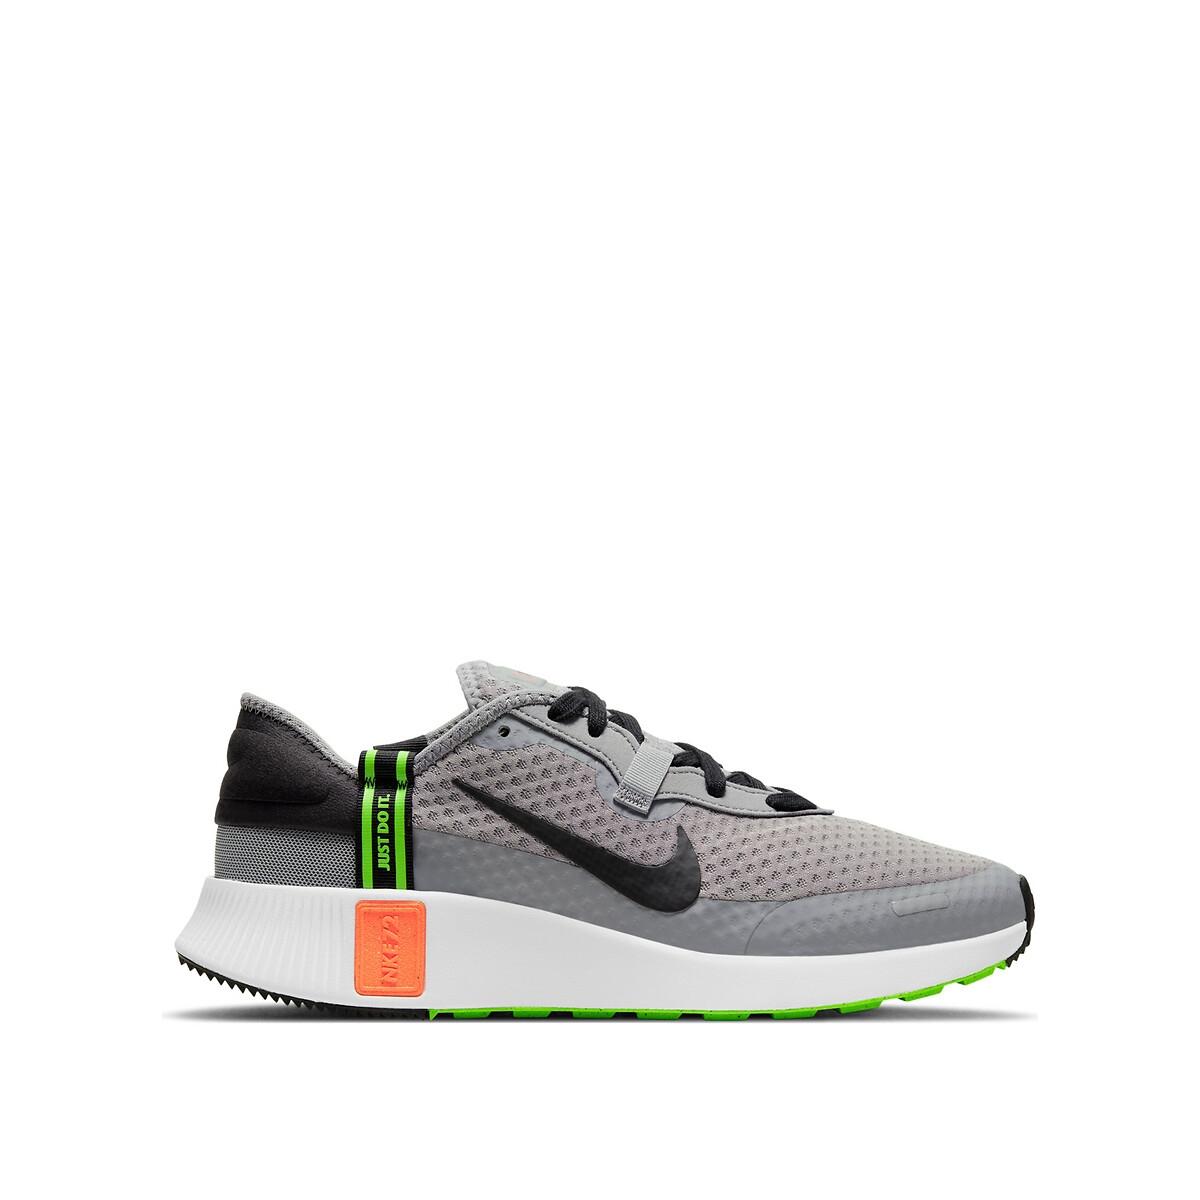 Nike Reposto Herenschoen Particle Grey/Hyper Crimson/Electric Green/Black Heren online kopen